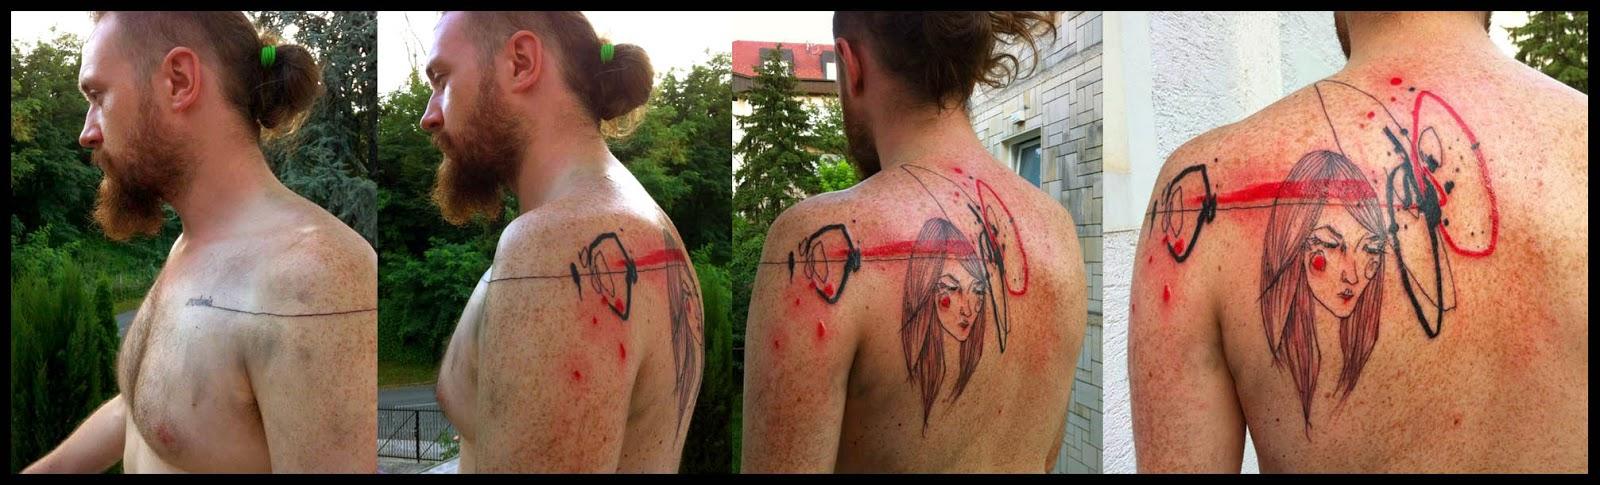 Lina, tattoo artist - Vlist (6)